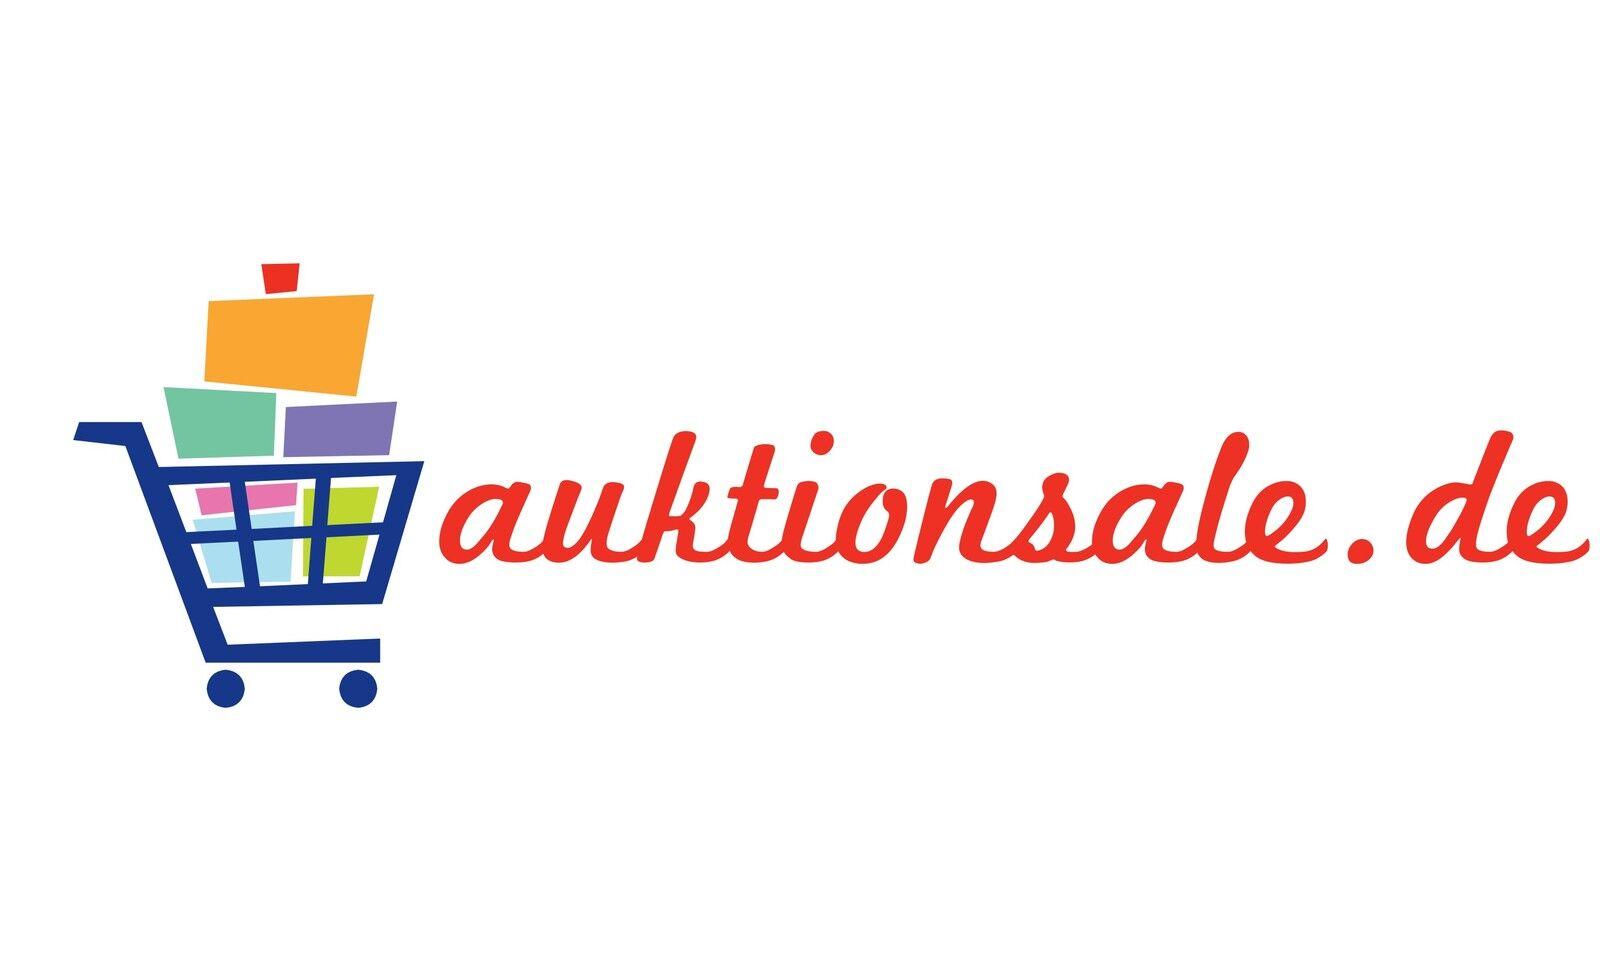 auktionsale.de